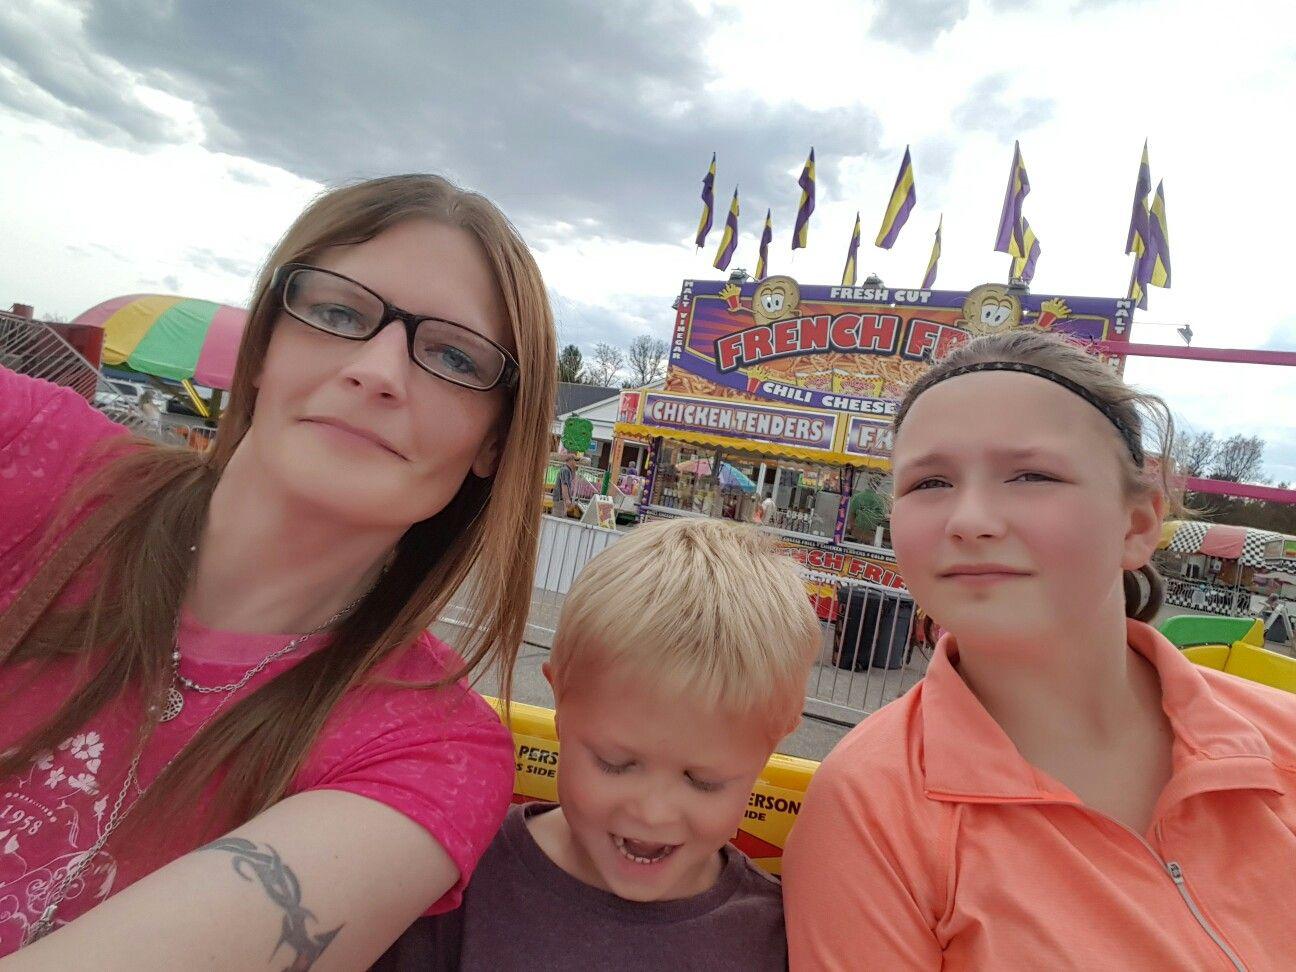 At the fair...♡